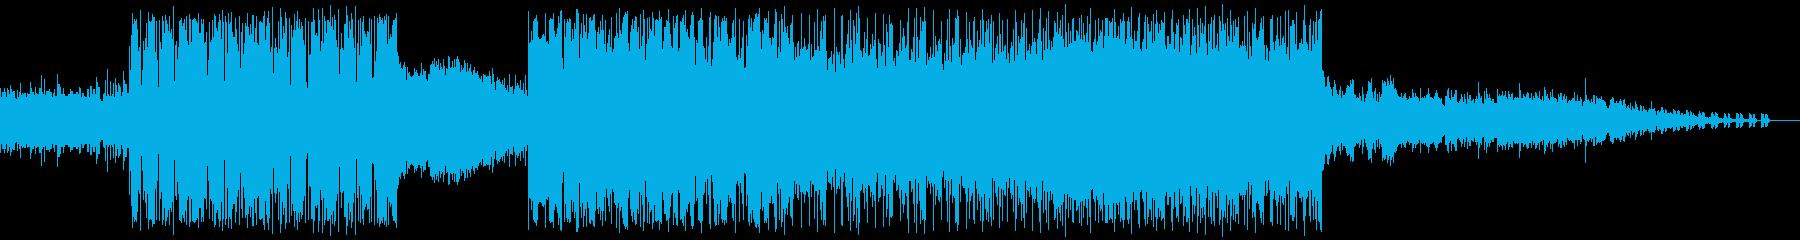 6/8拍子のかっこいいバンドサウンドの再生済みの波形